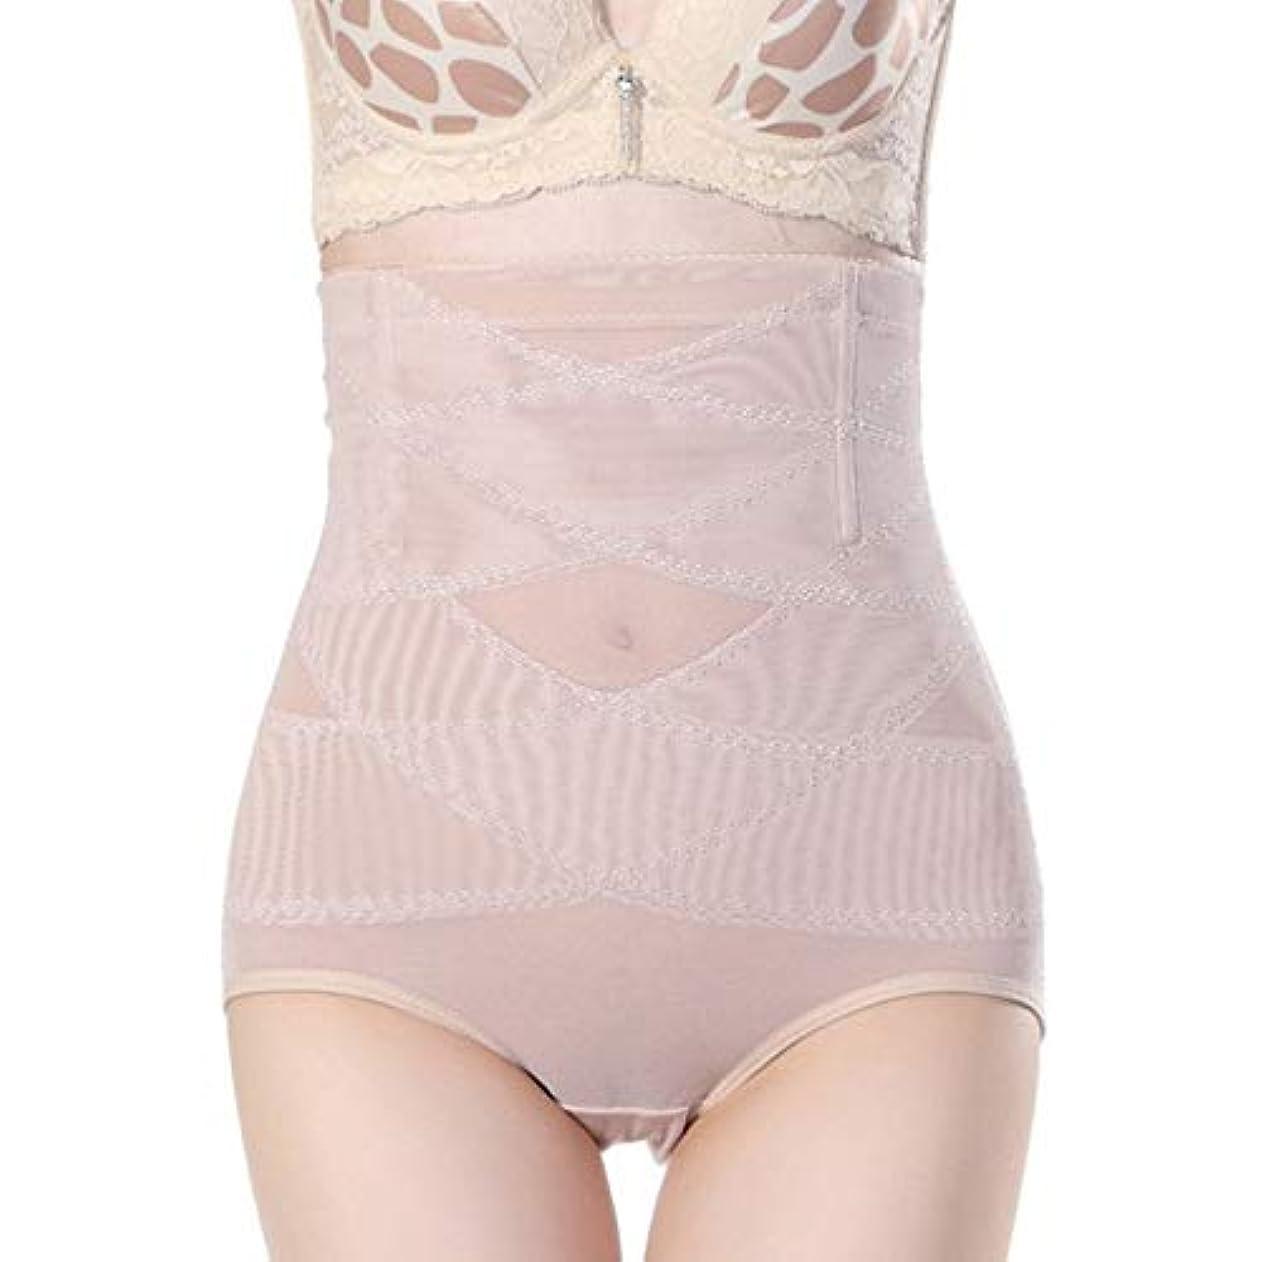 ダイヤモンドコレクションシンプルな腹部制御下着シームレスおなかコントロールパンティーバットリフターボディシェイパーを痩身通気性のハイウエストの女性 - 肌色L